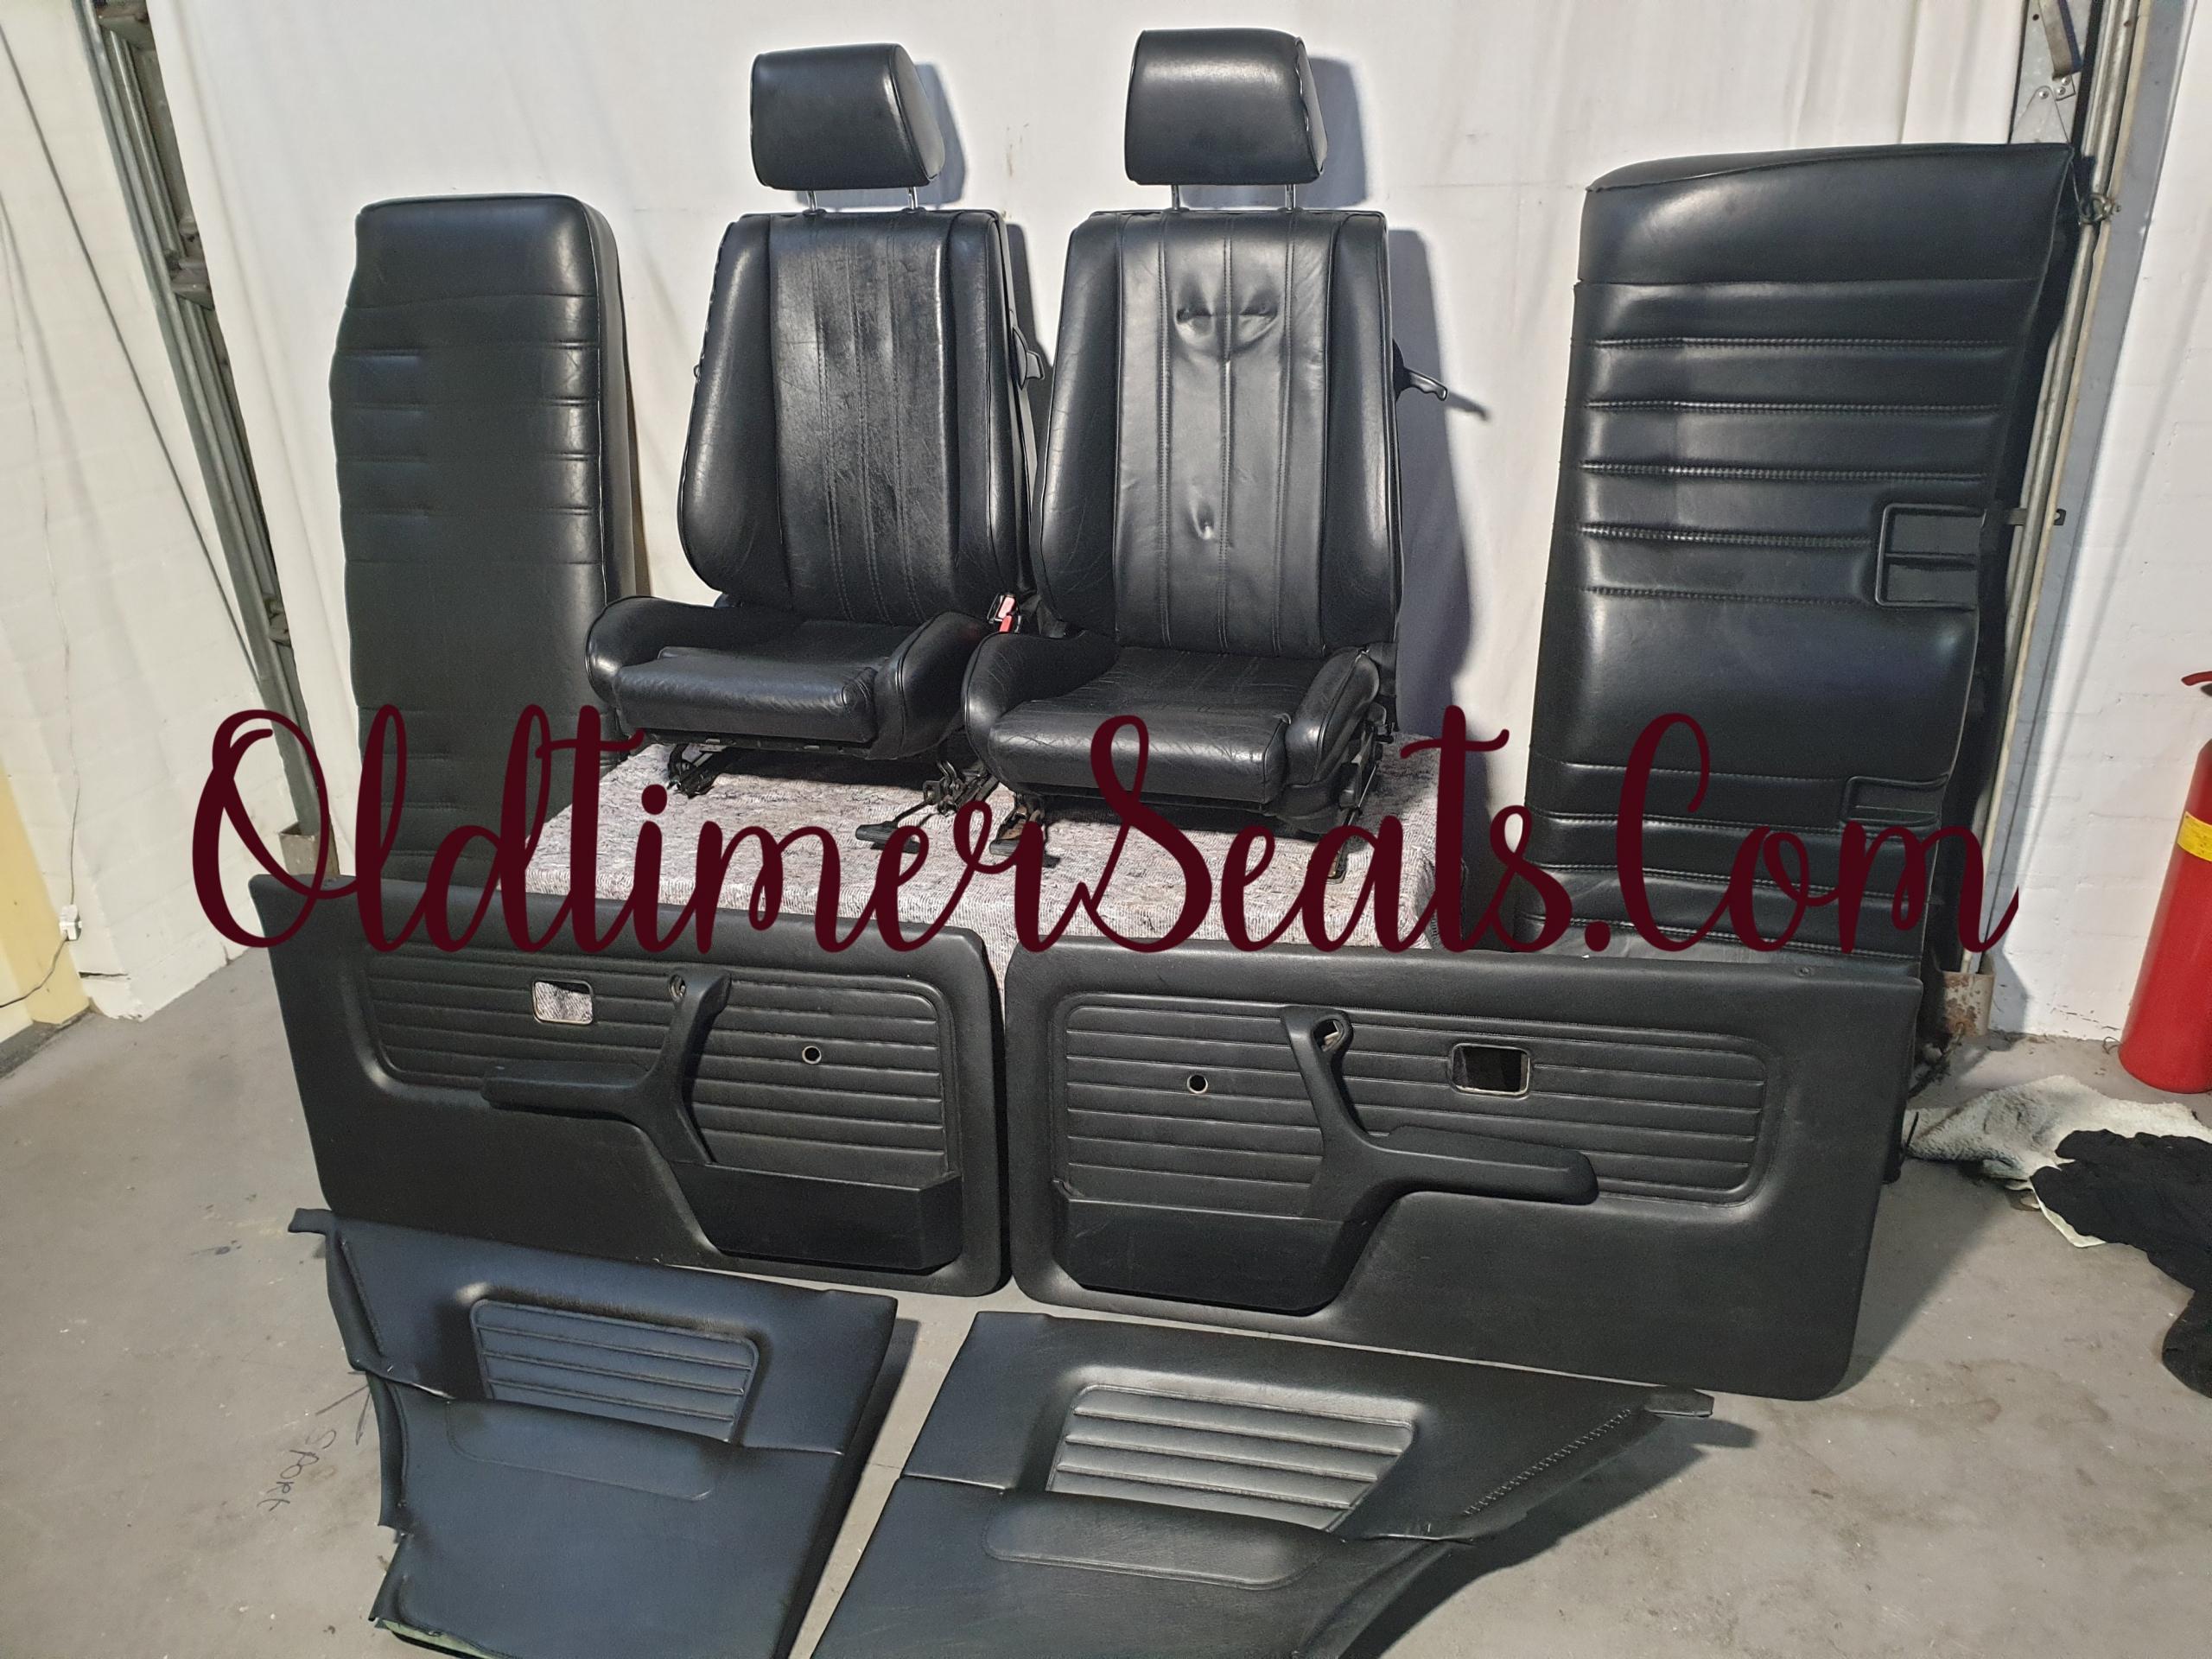 BMW E30 Black leather leder zwart leer sportstoelen sport stoel zetel zetels recaro interieur